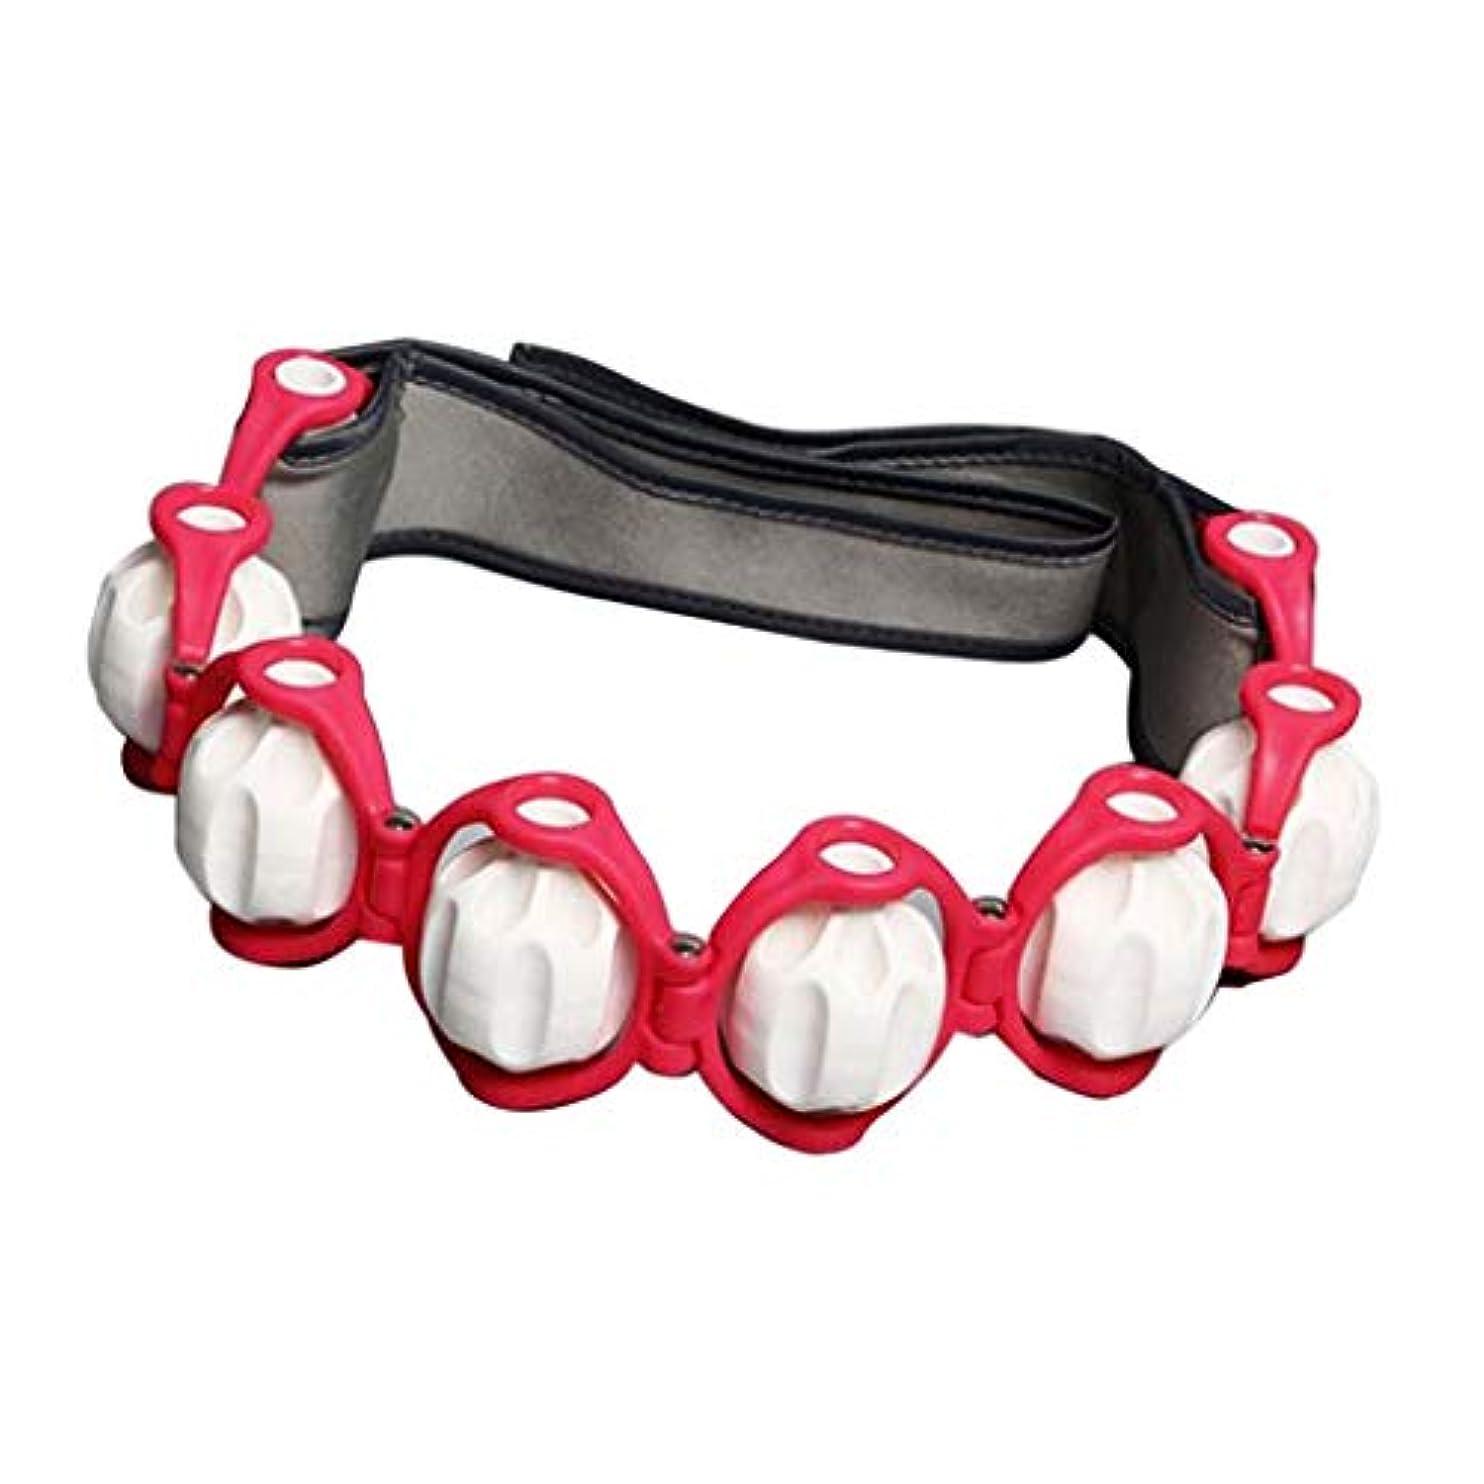 グレー意味のある立派なマッサージローラー ロープ付き ツボ押し ボディマッサージ 筋肉マッサージ 4色選べ - 赤